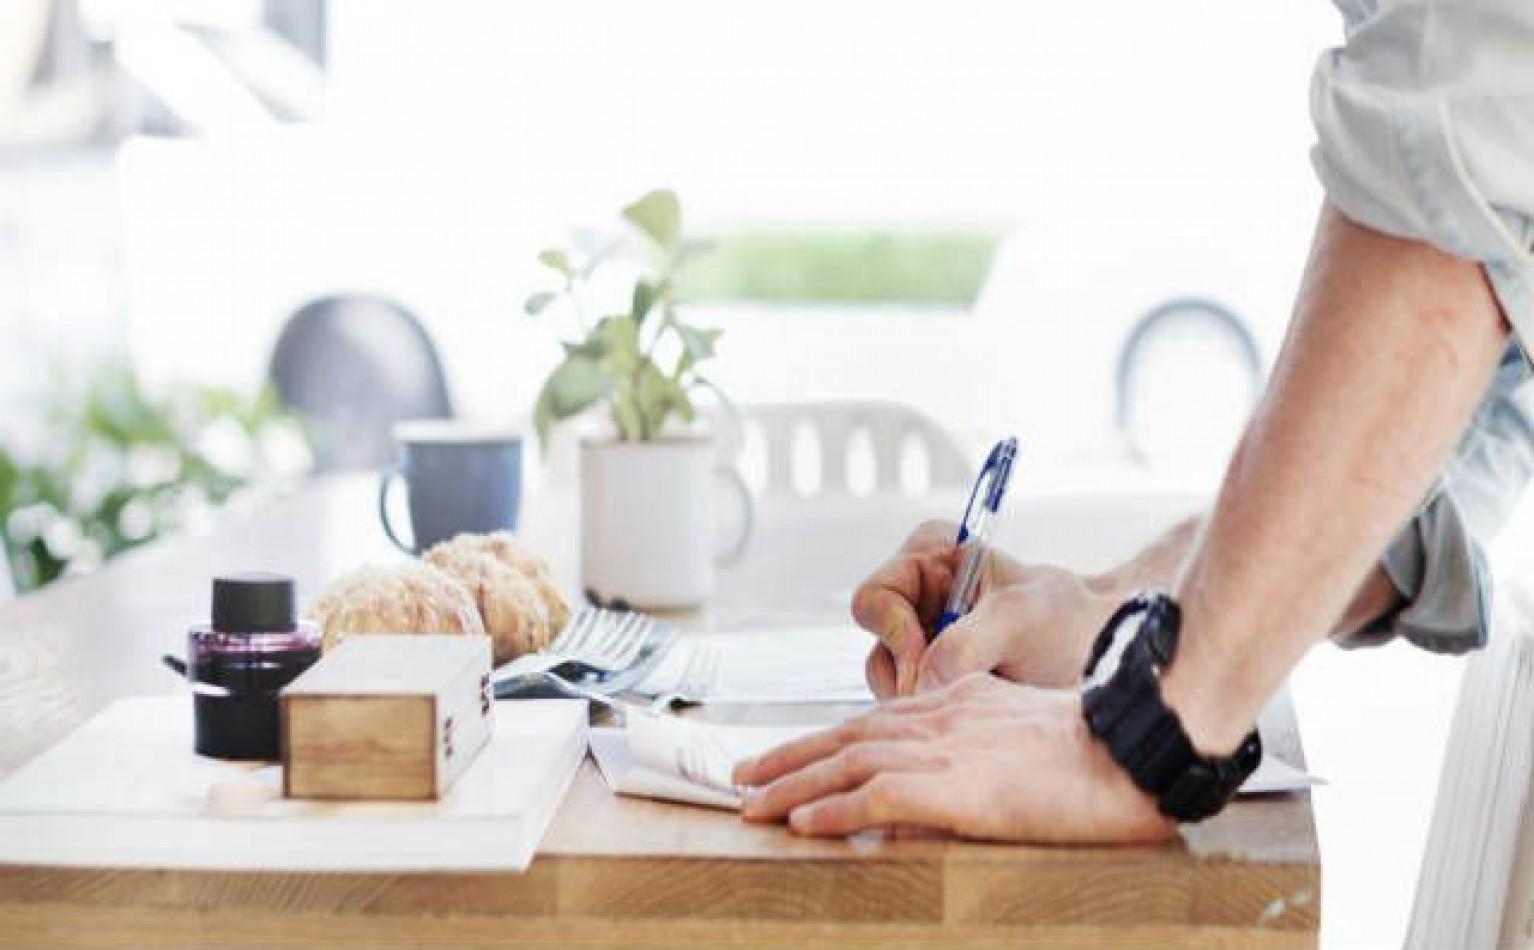 Planificación venta empresa | Valoraccion